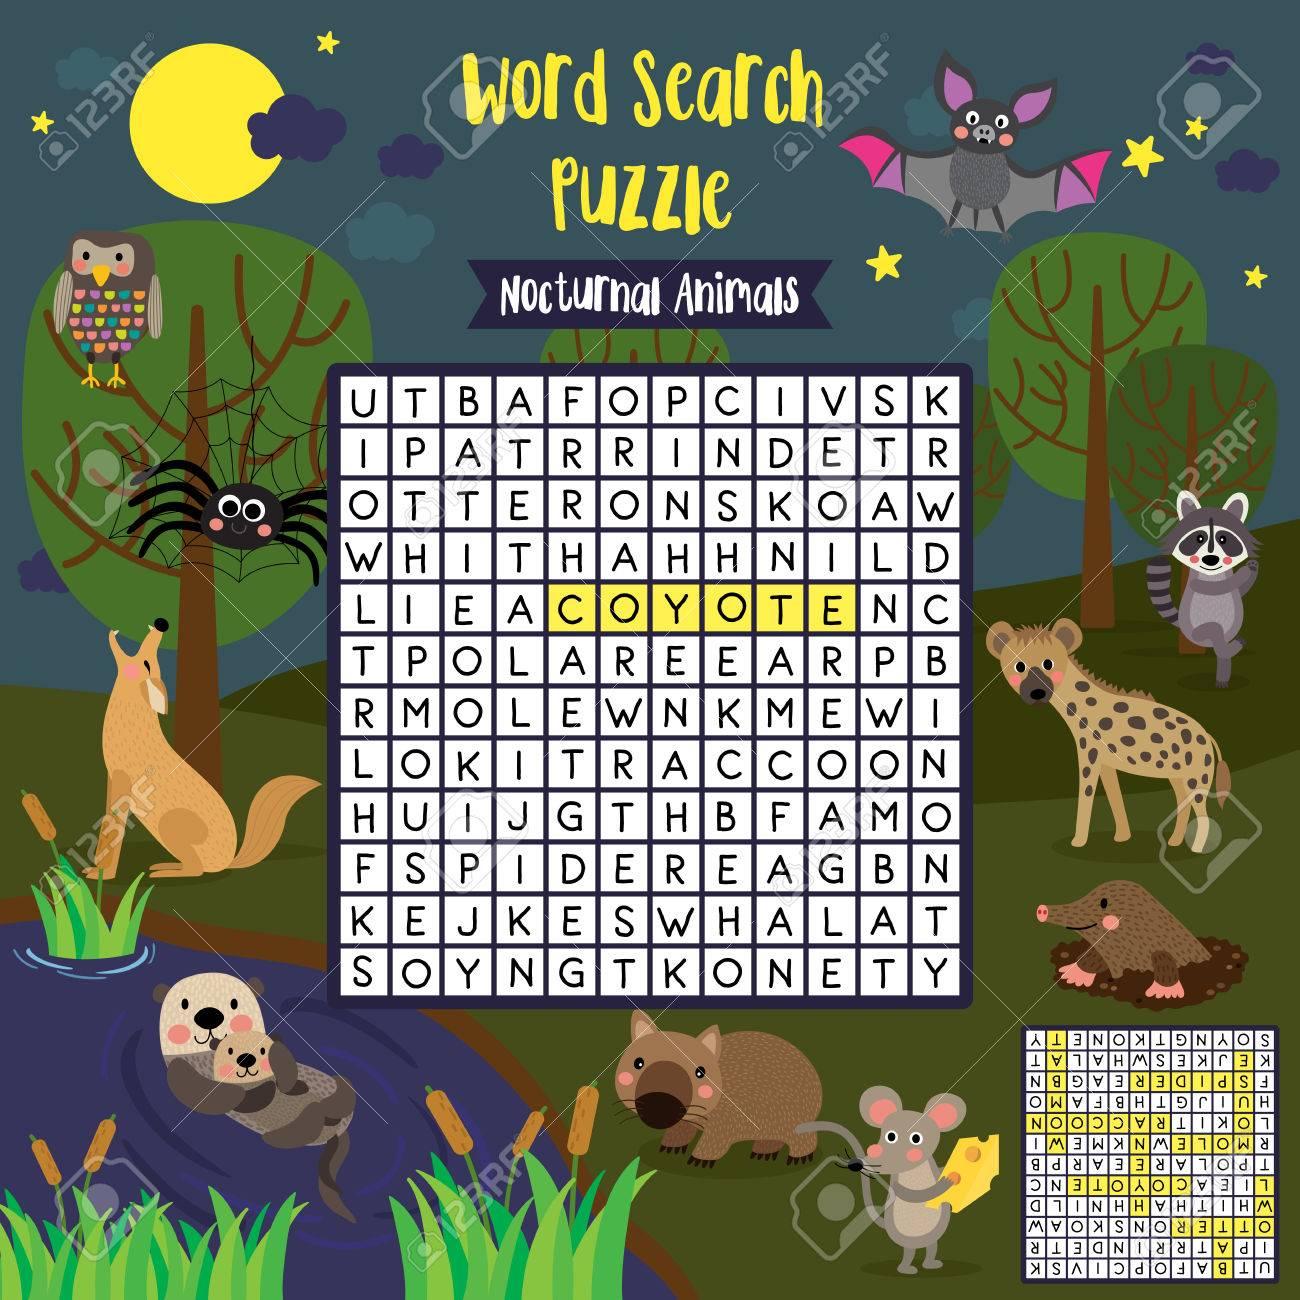 Wörter Suchen Puzzle-Spiel Von Nächtlichen Tieren Für Vorschule ...